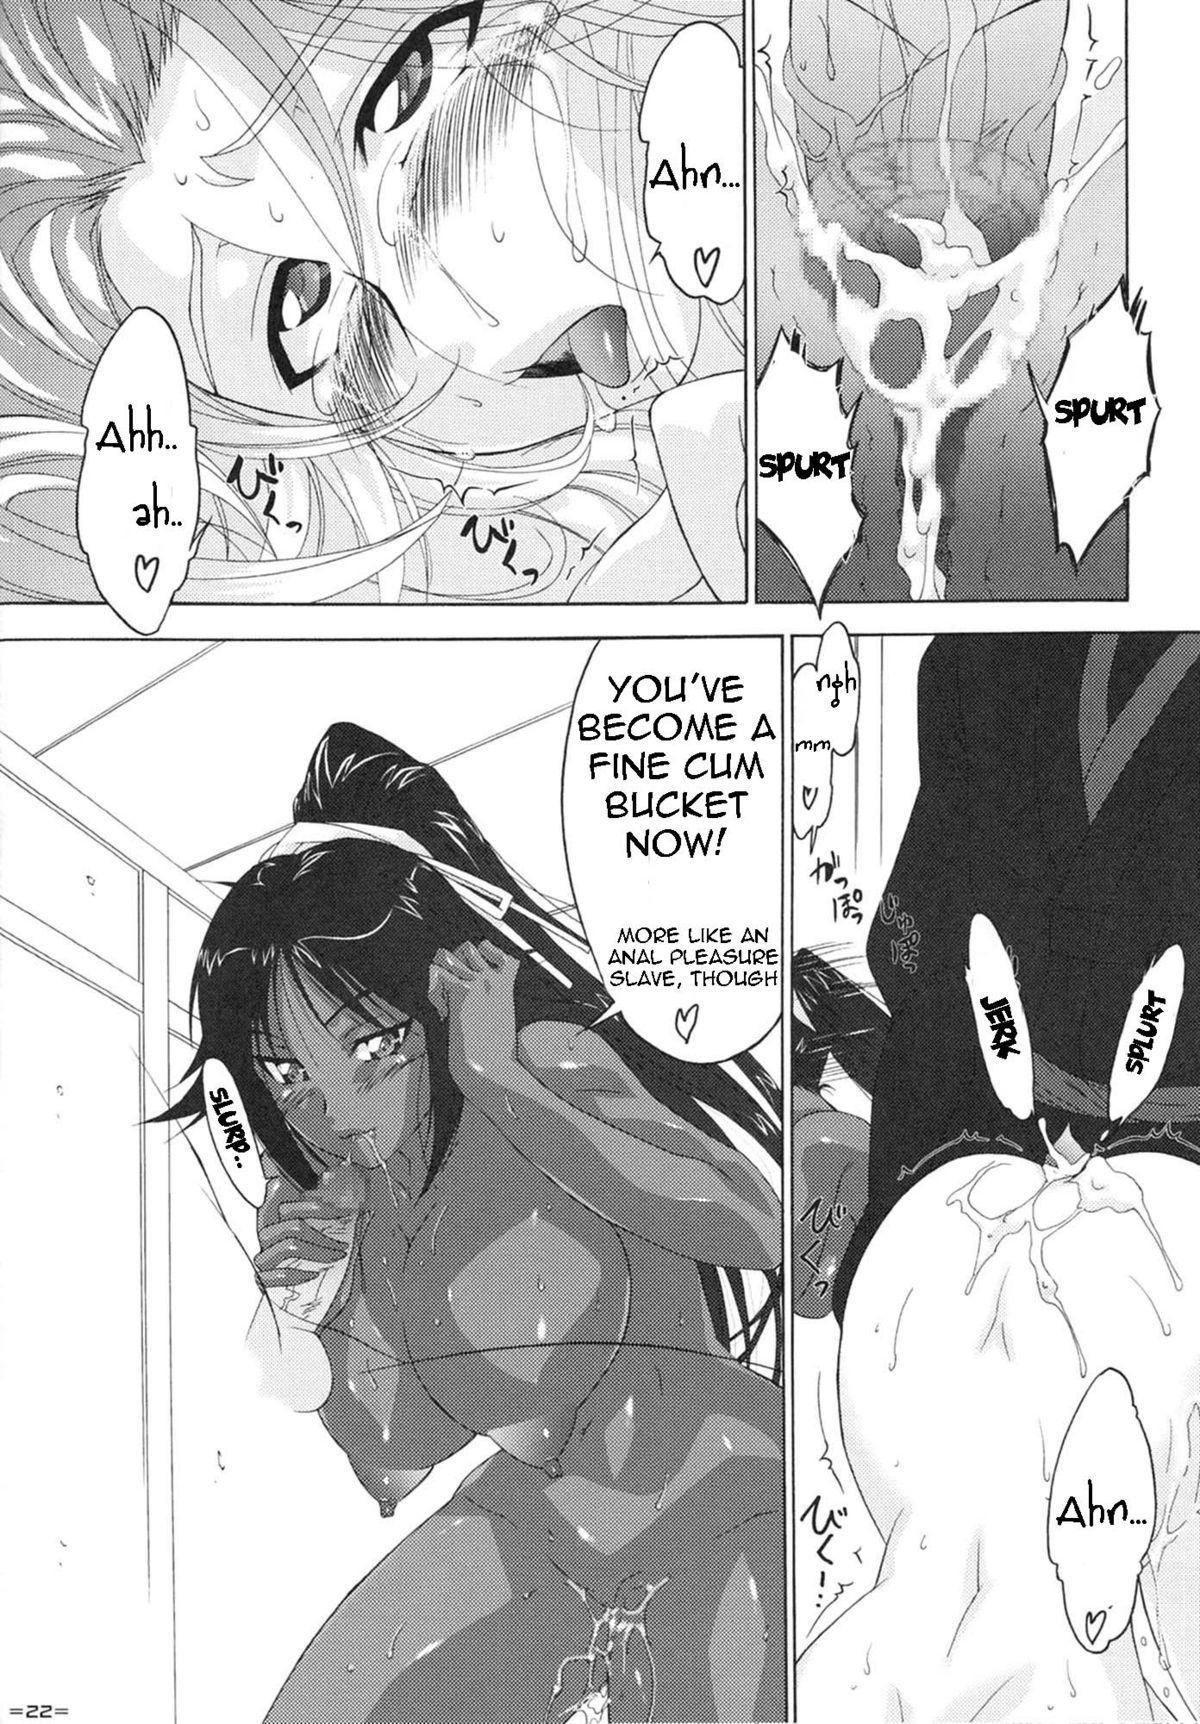 (SC35) [Tsurikichi Doumei (Shiomi Yuusuke)] Neko na Hito, Kiku na Hito ~Neko na Hito Hachi na Hito 2~ / Shiomi Yuusuke Kojinshi (Bleach) [English] 20